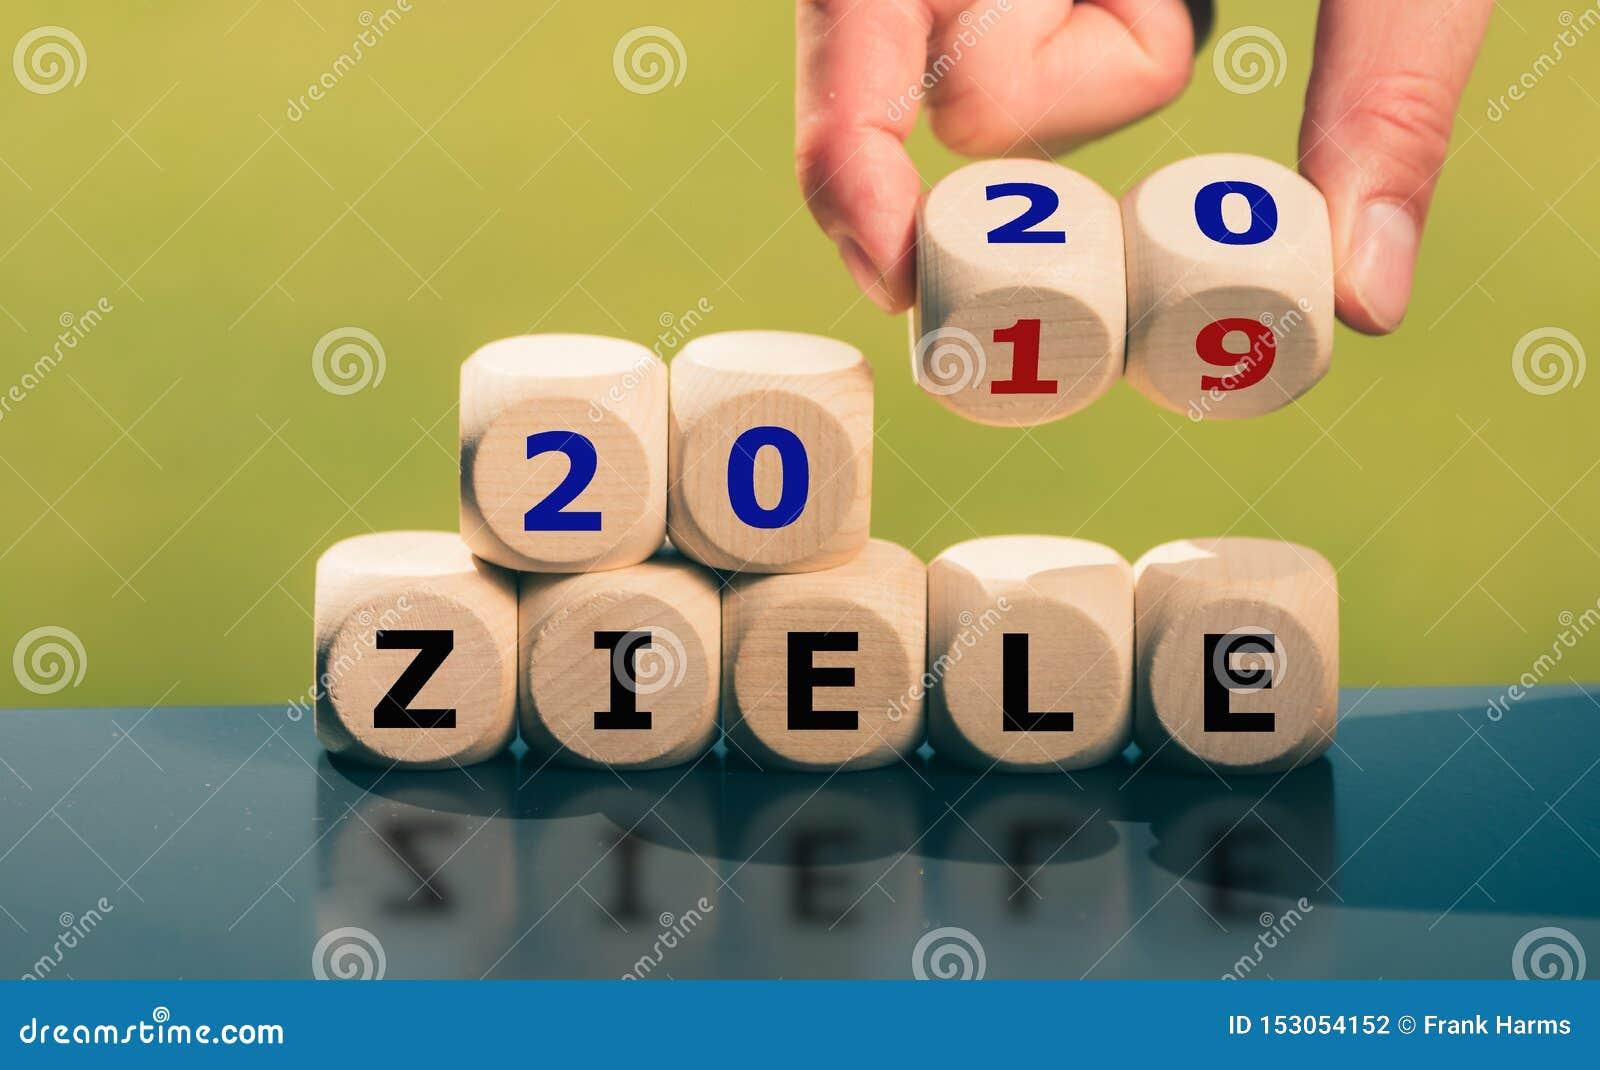 Metas por el año 2020 La mano da vuelta a dados y cambia las metas alemanas '2019 'del ziele de la expresión 'a Ziele 2020 '